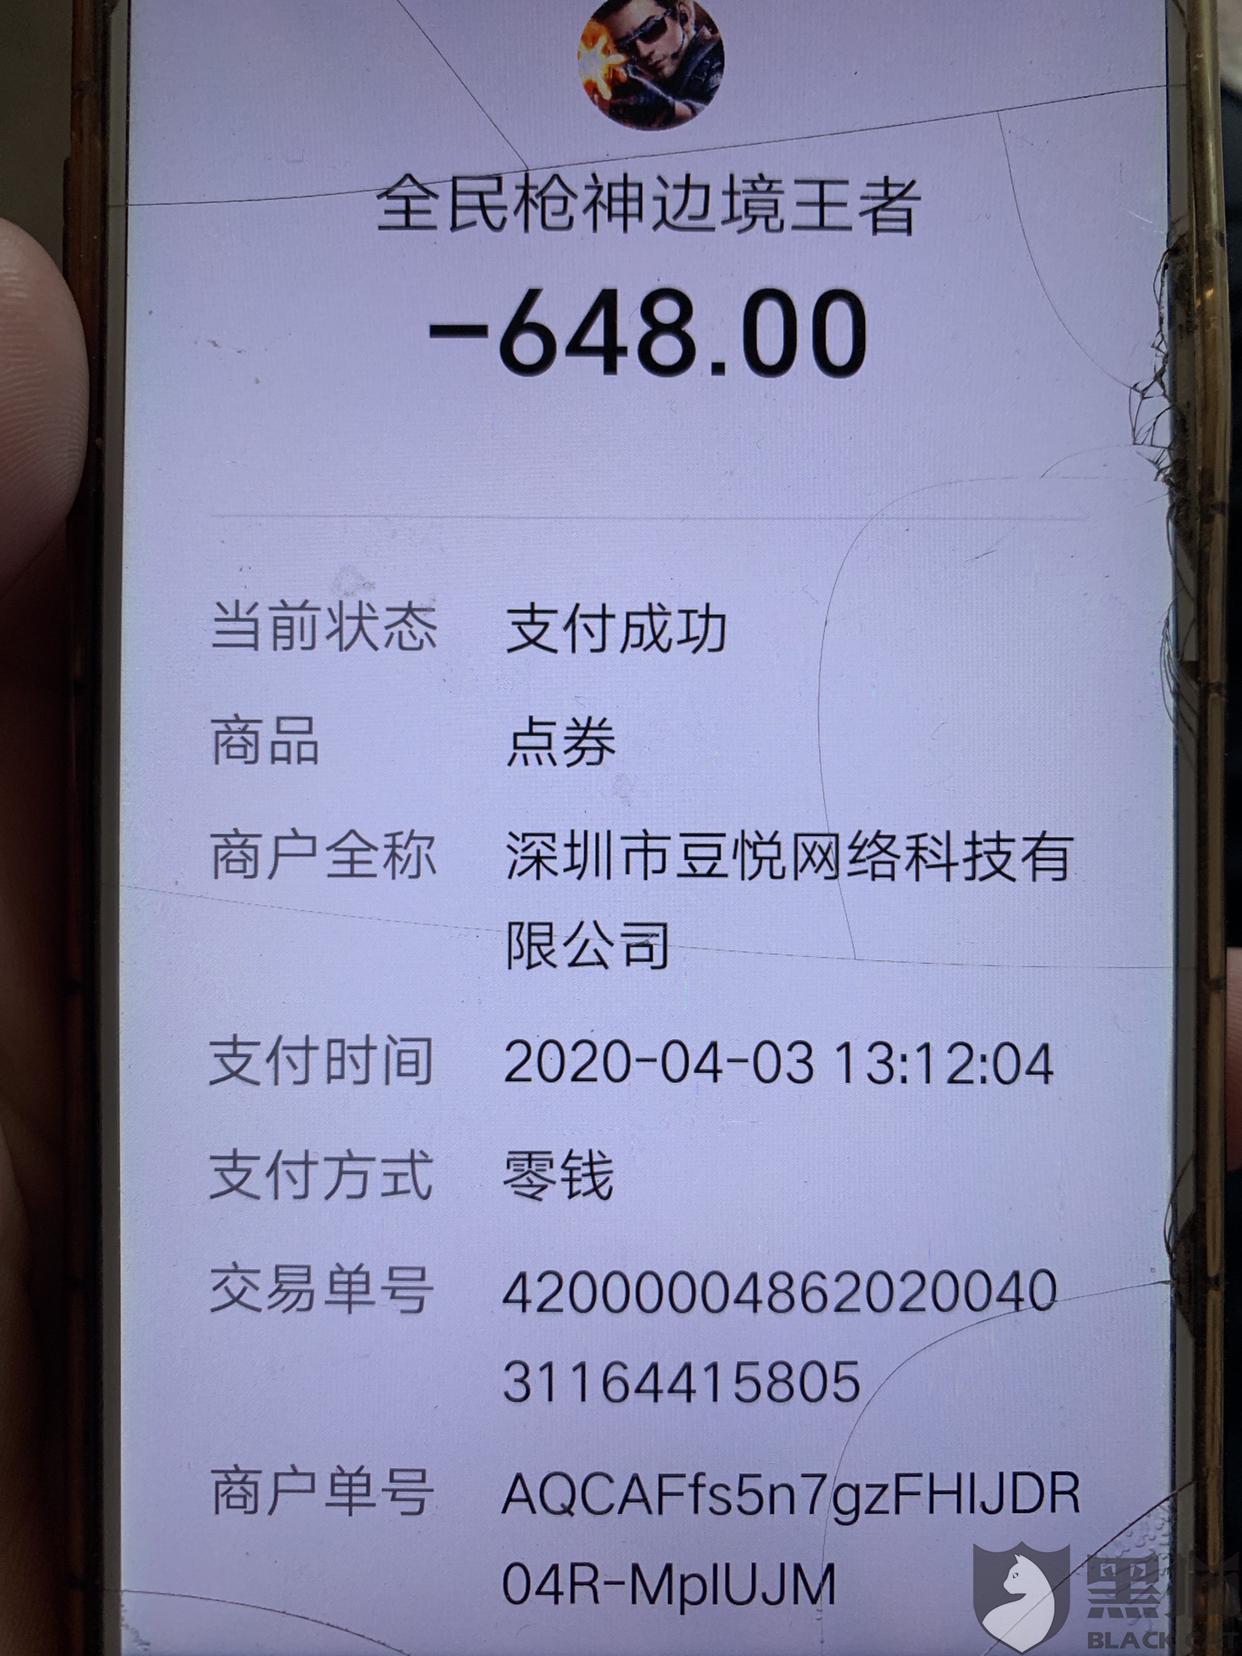 黑猫投诉:深圳市豆悦网络科技有限公司